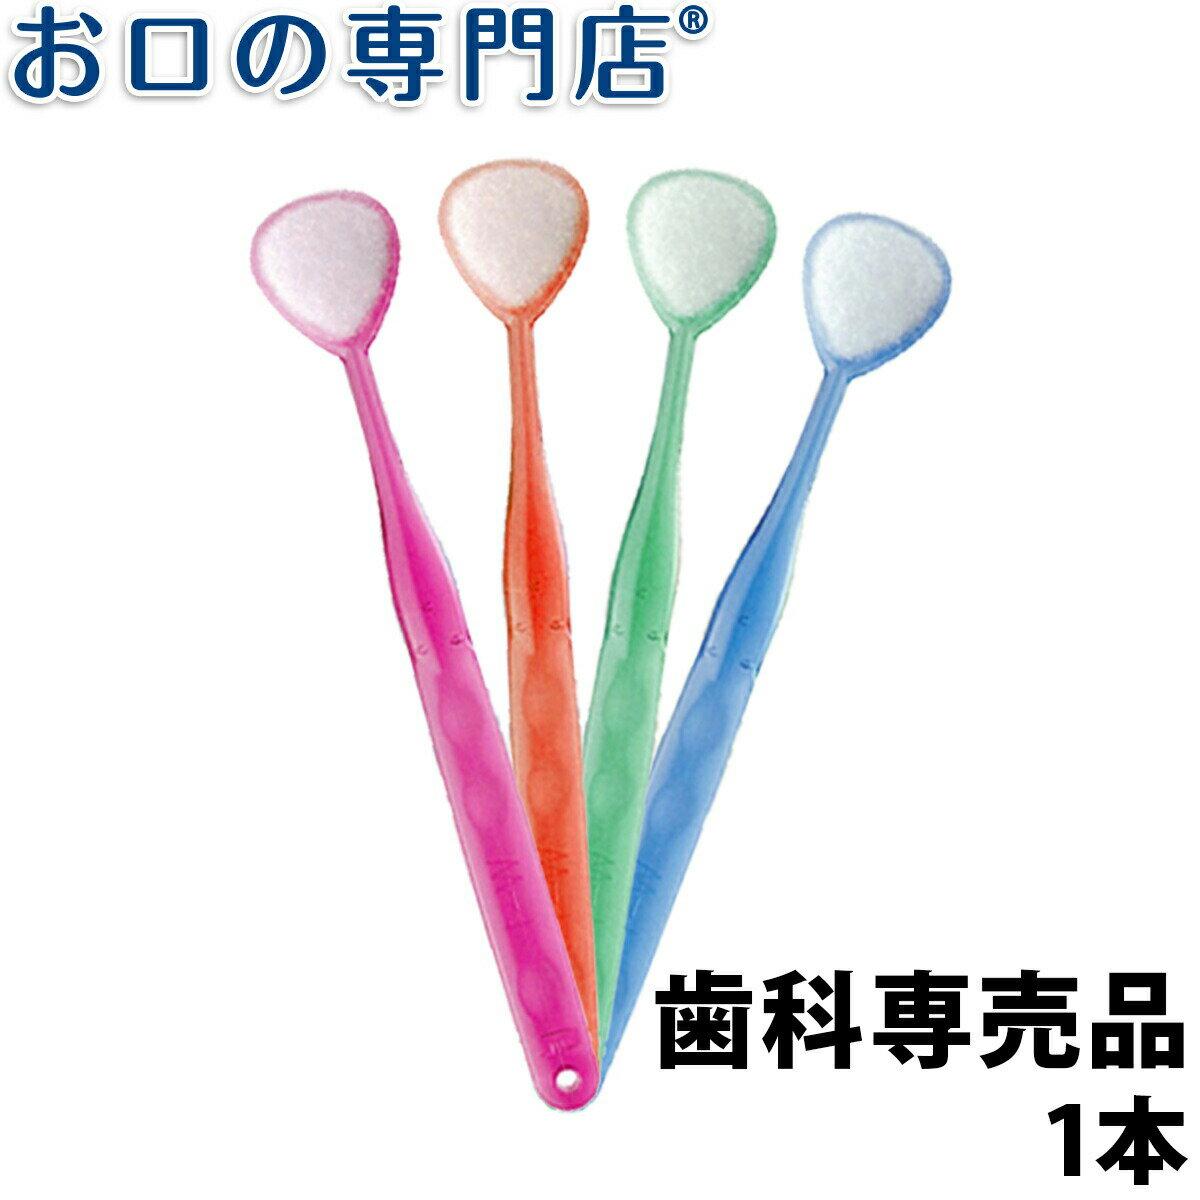 【あす楽】舌ブラシ W-1(ダブルワン) 1本【メール便OK】